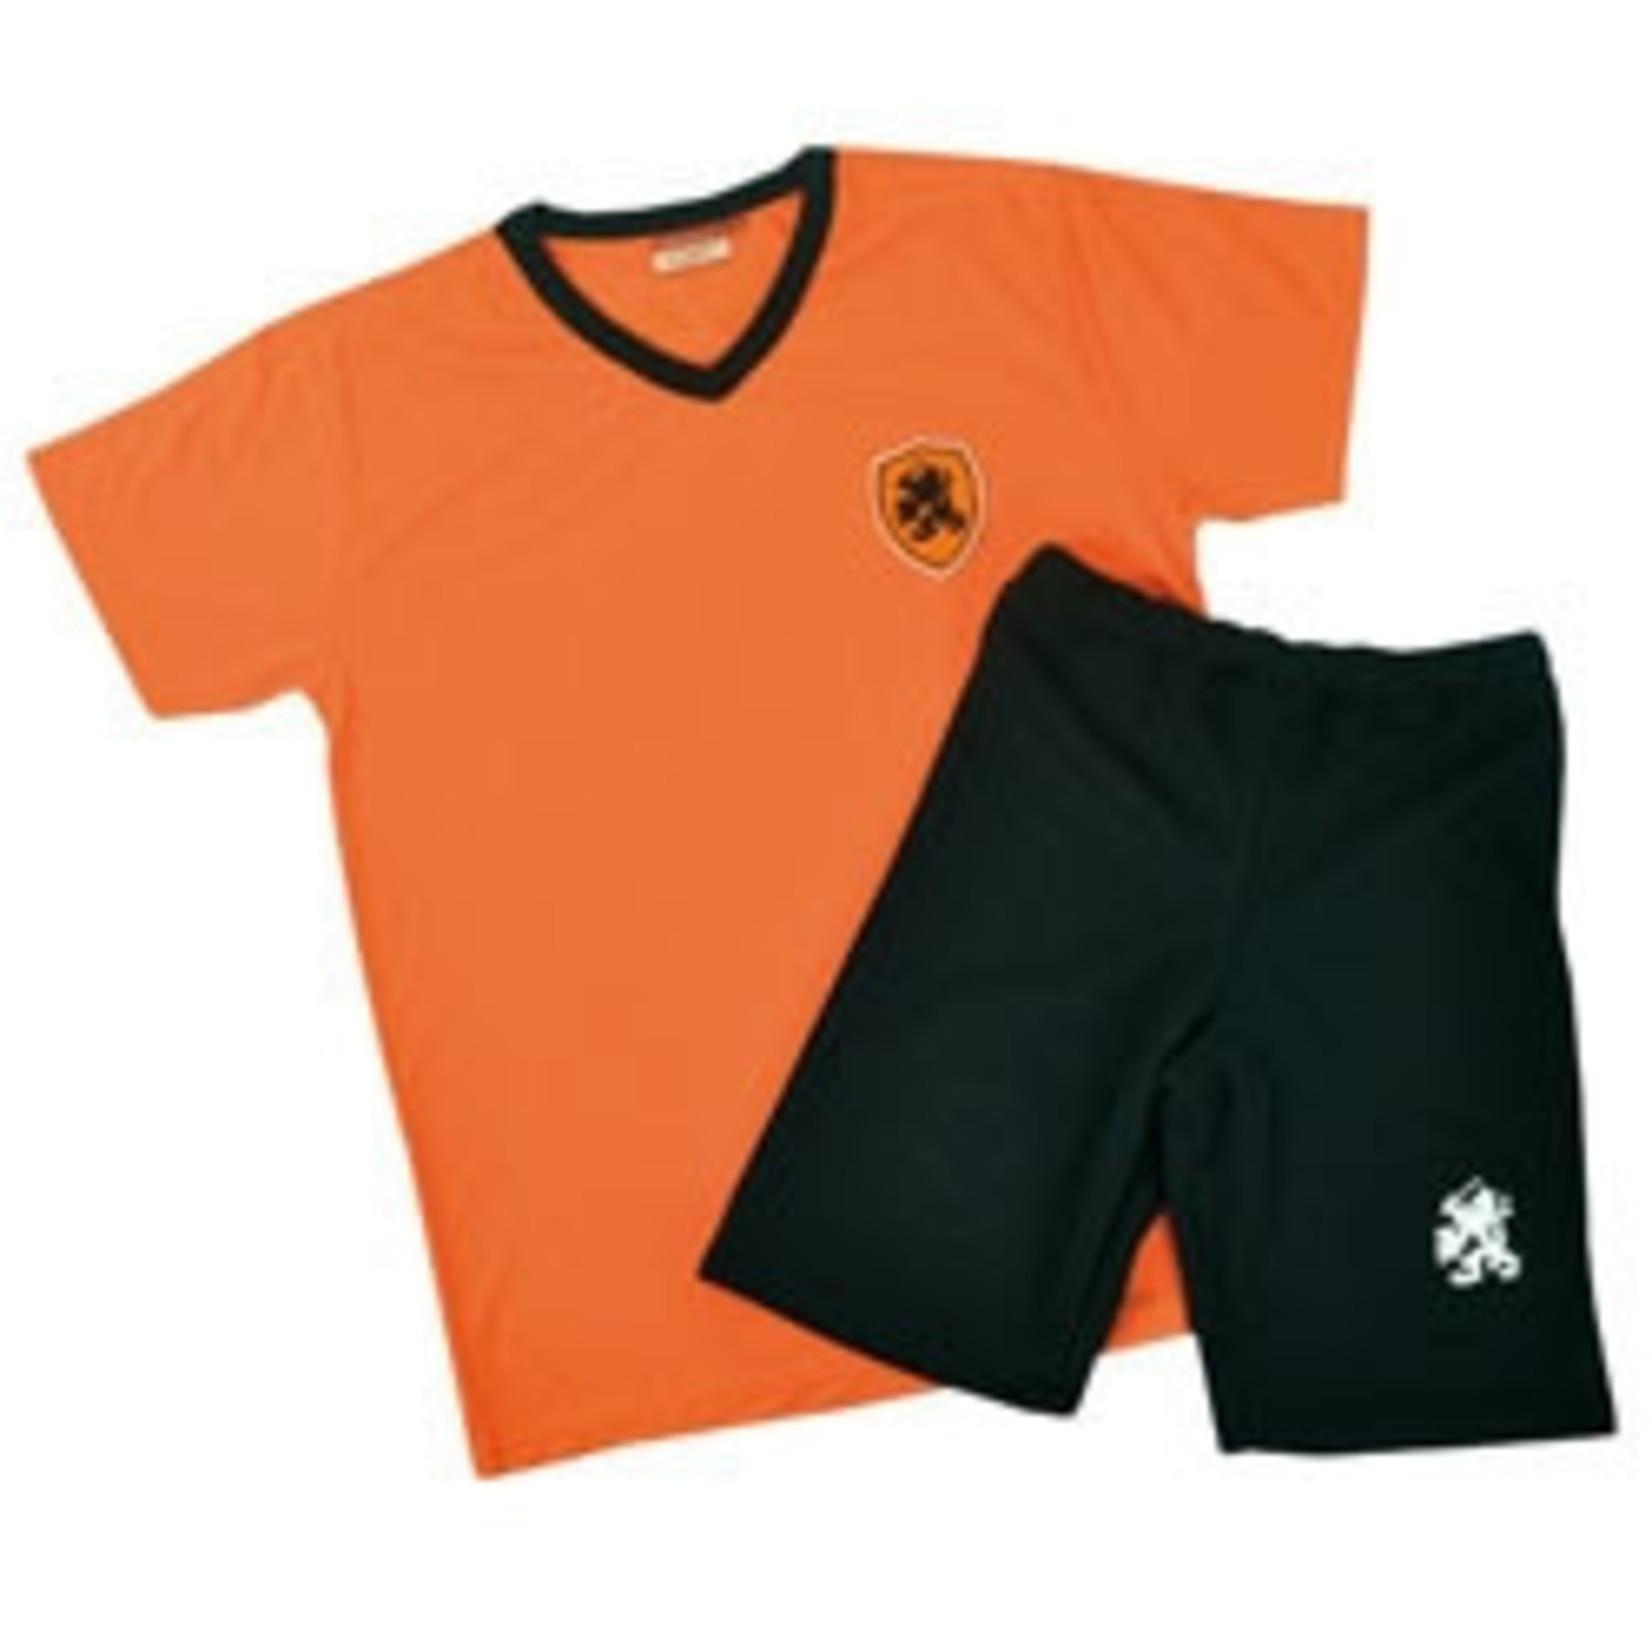 Kidsset oranje/zwart polyester maat164